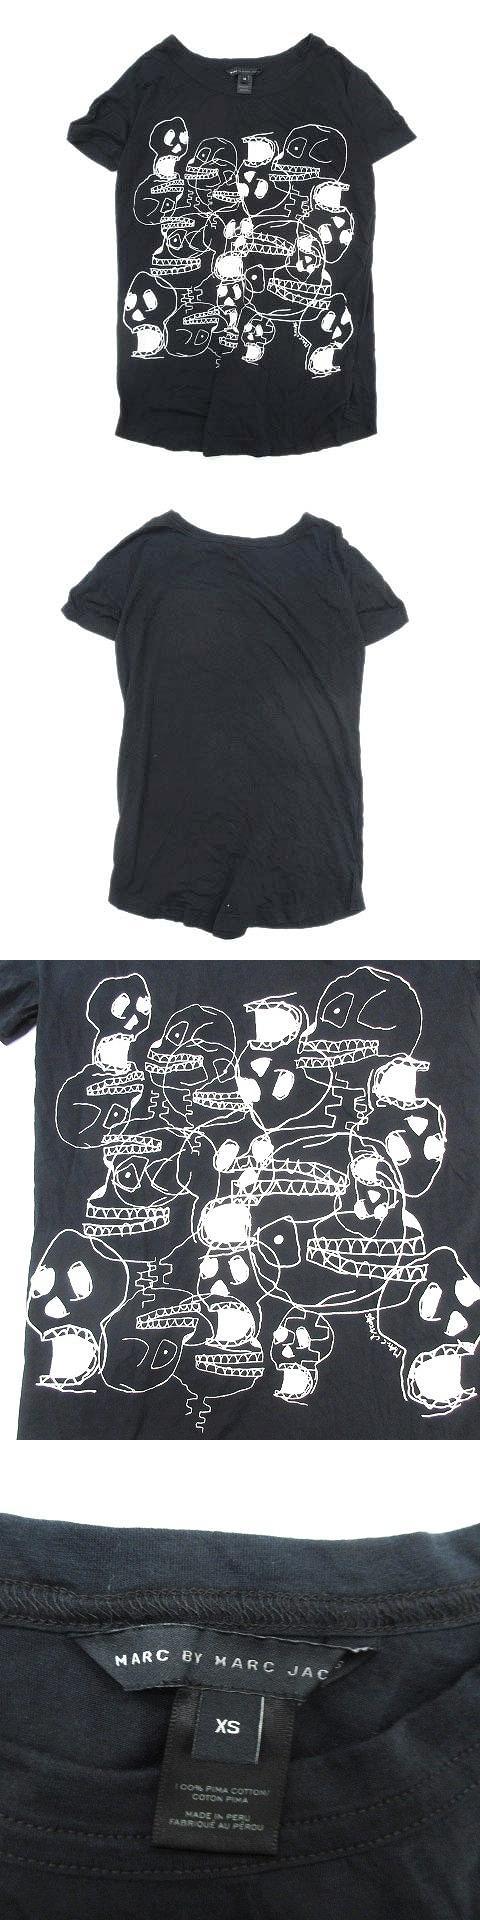 スカル プリント Tシャツ カットソー XS ブラック メンズ/25●8